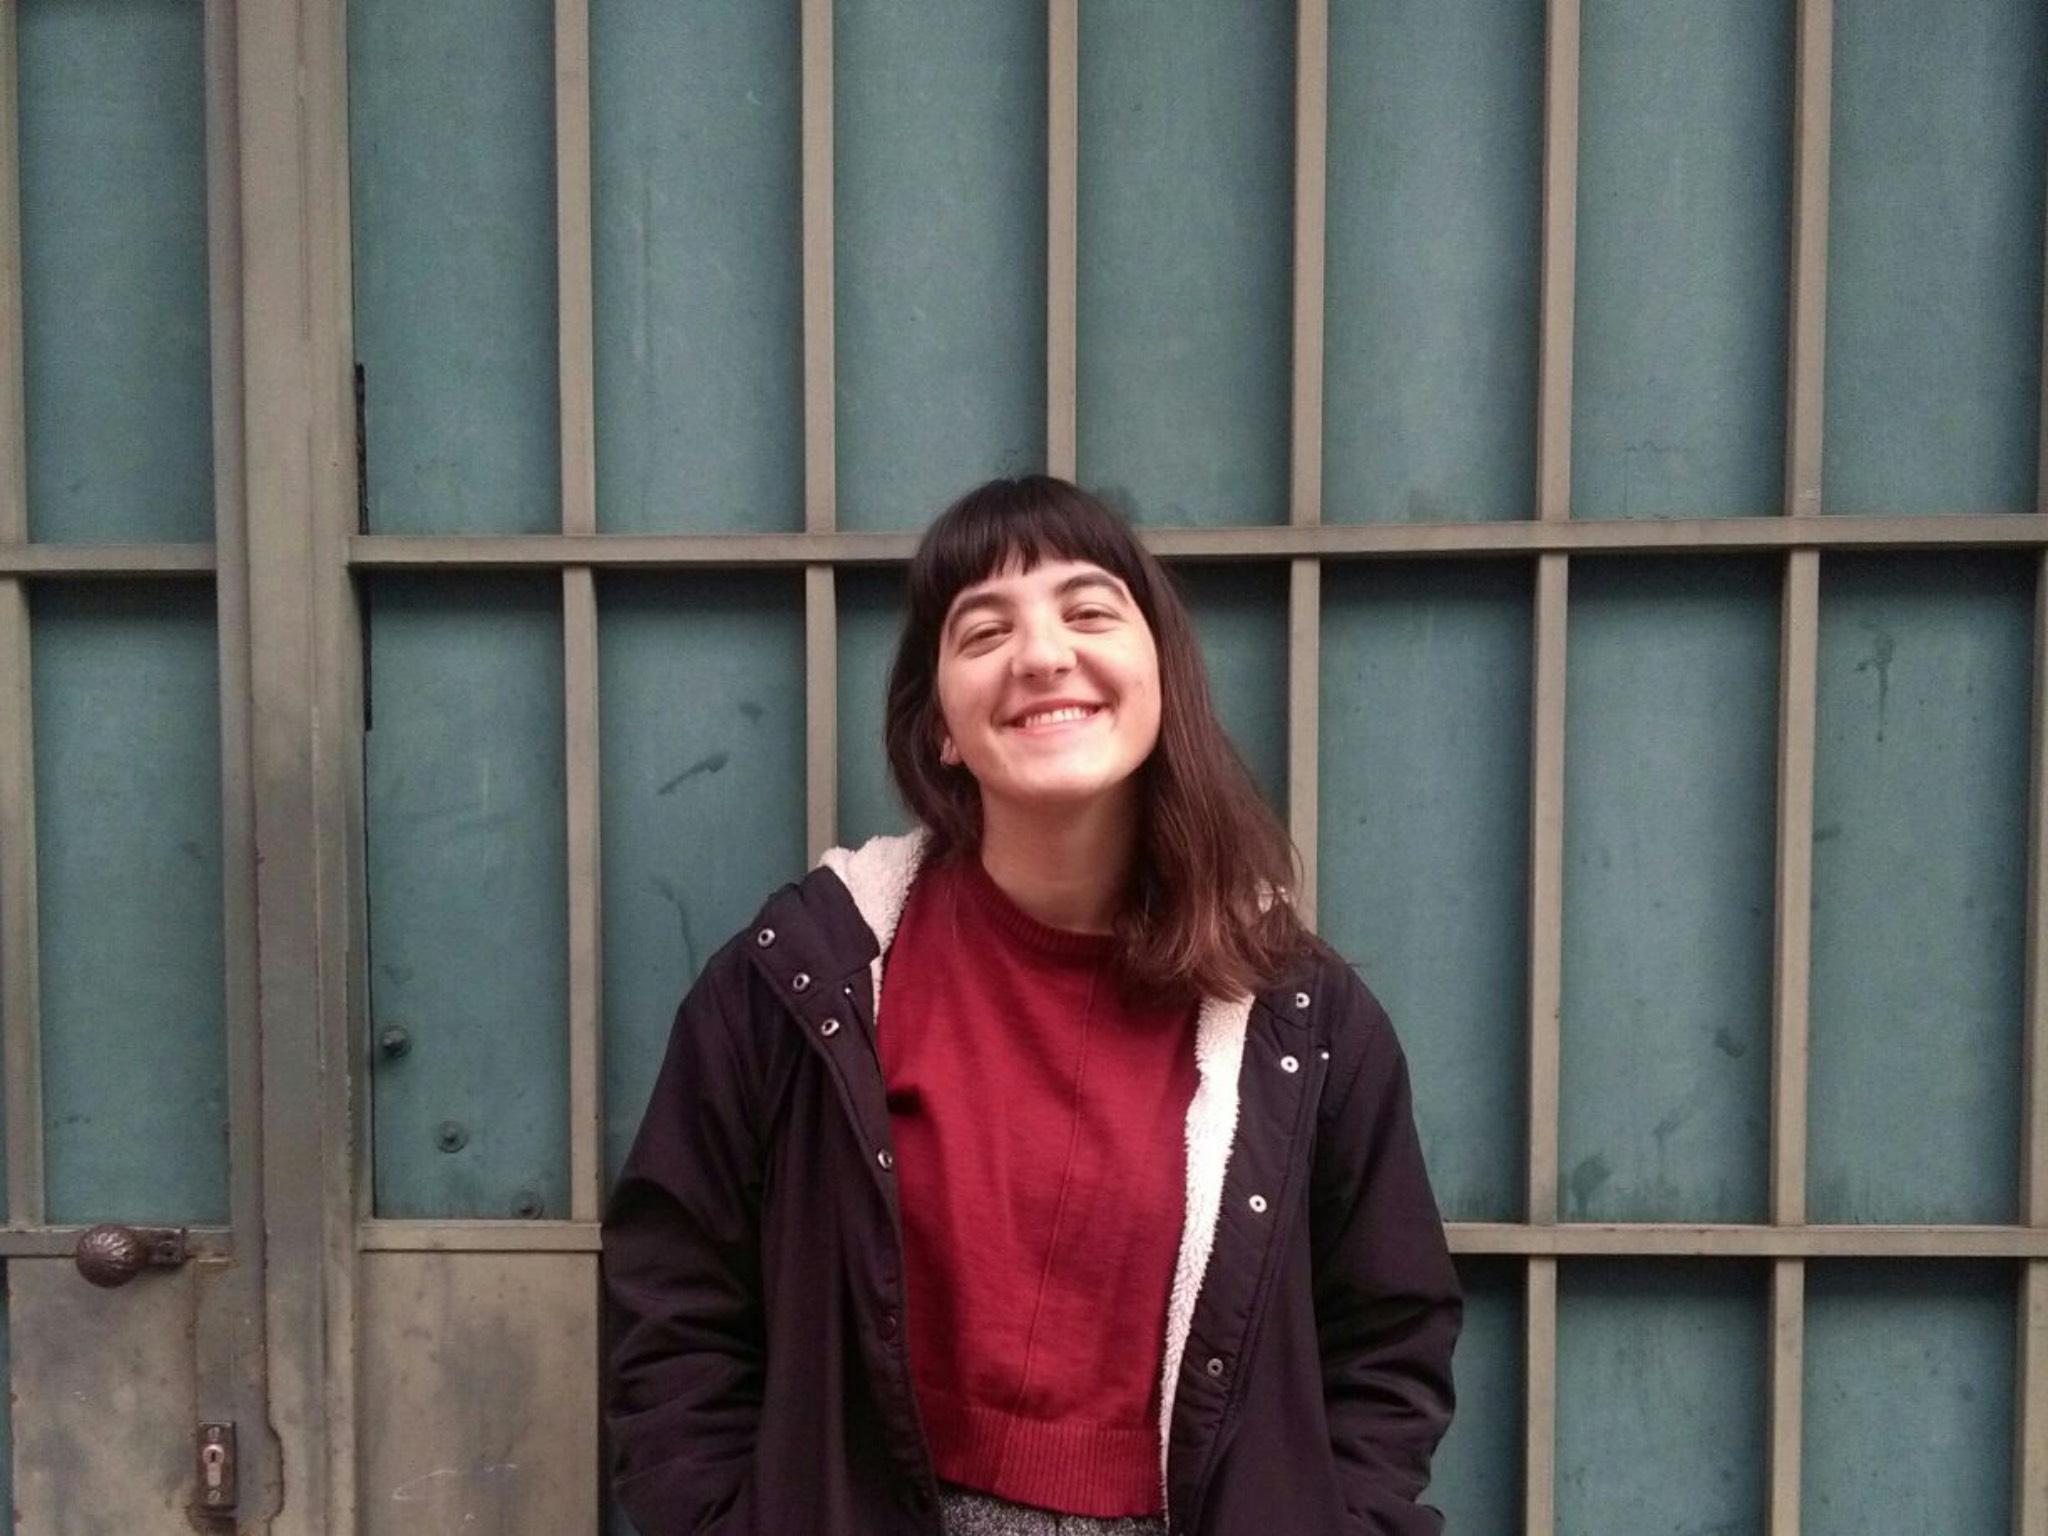 Lena Ionnidis aus Griechenland. Foto: Privat